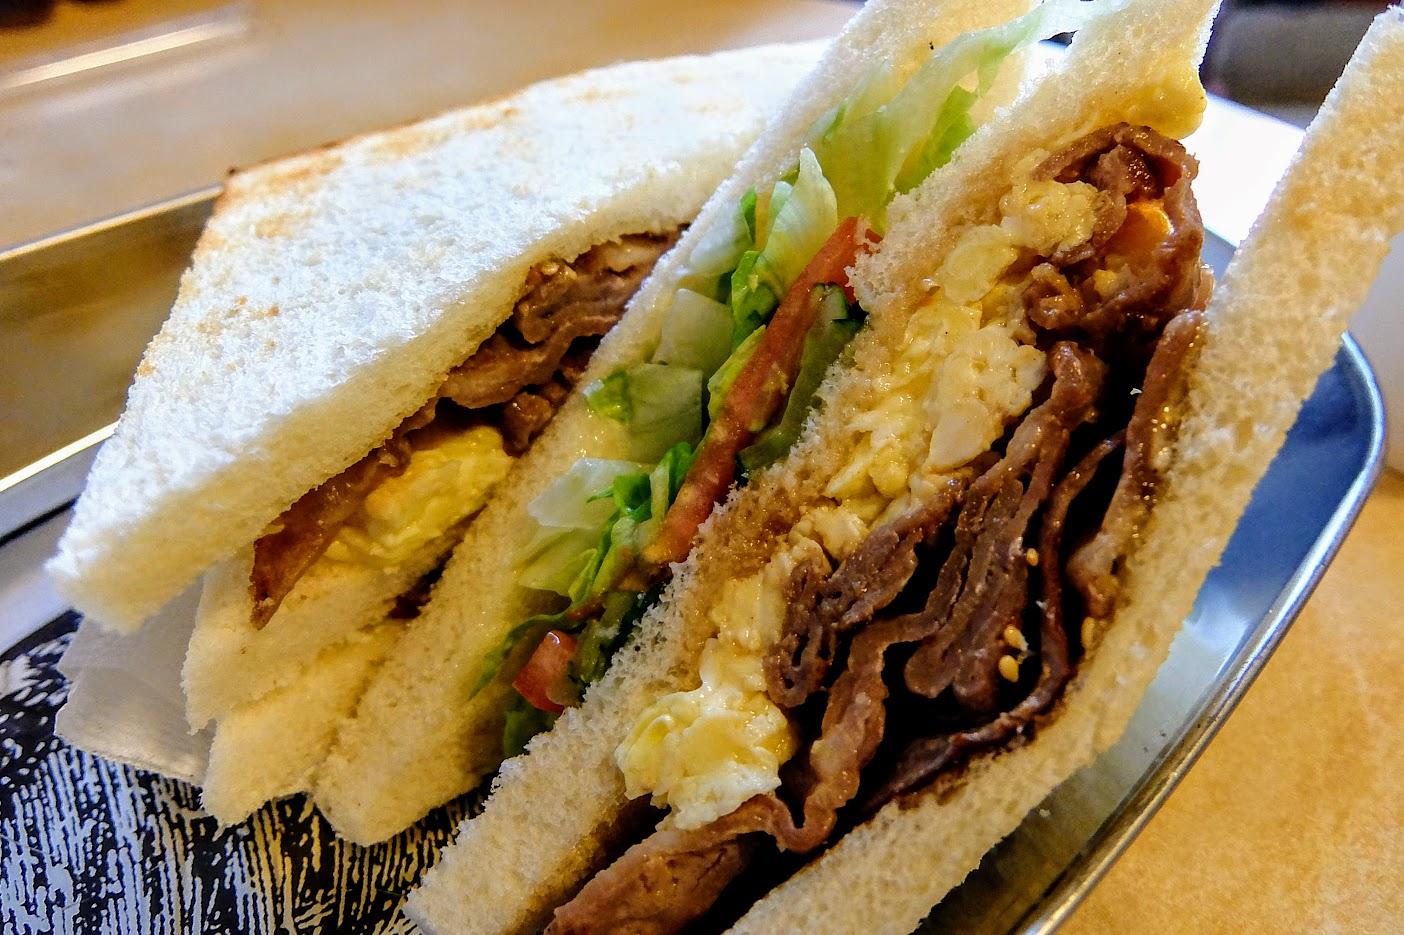 三片吐司,中間夾著古早味口感的燒肉/蛋/生菜等...